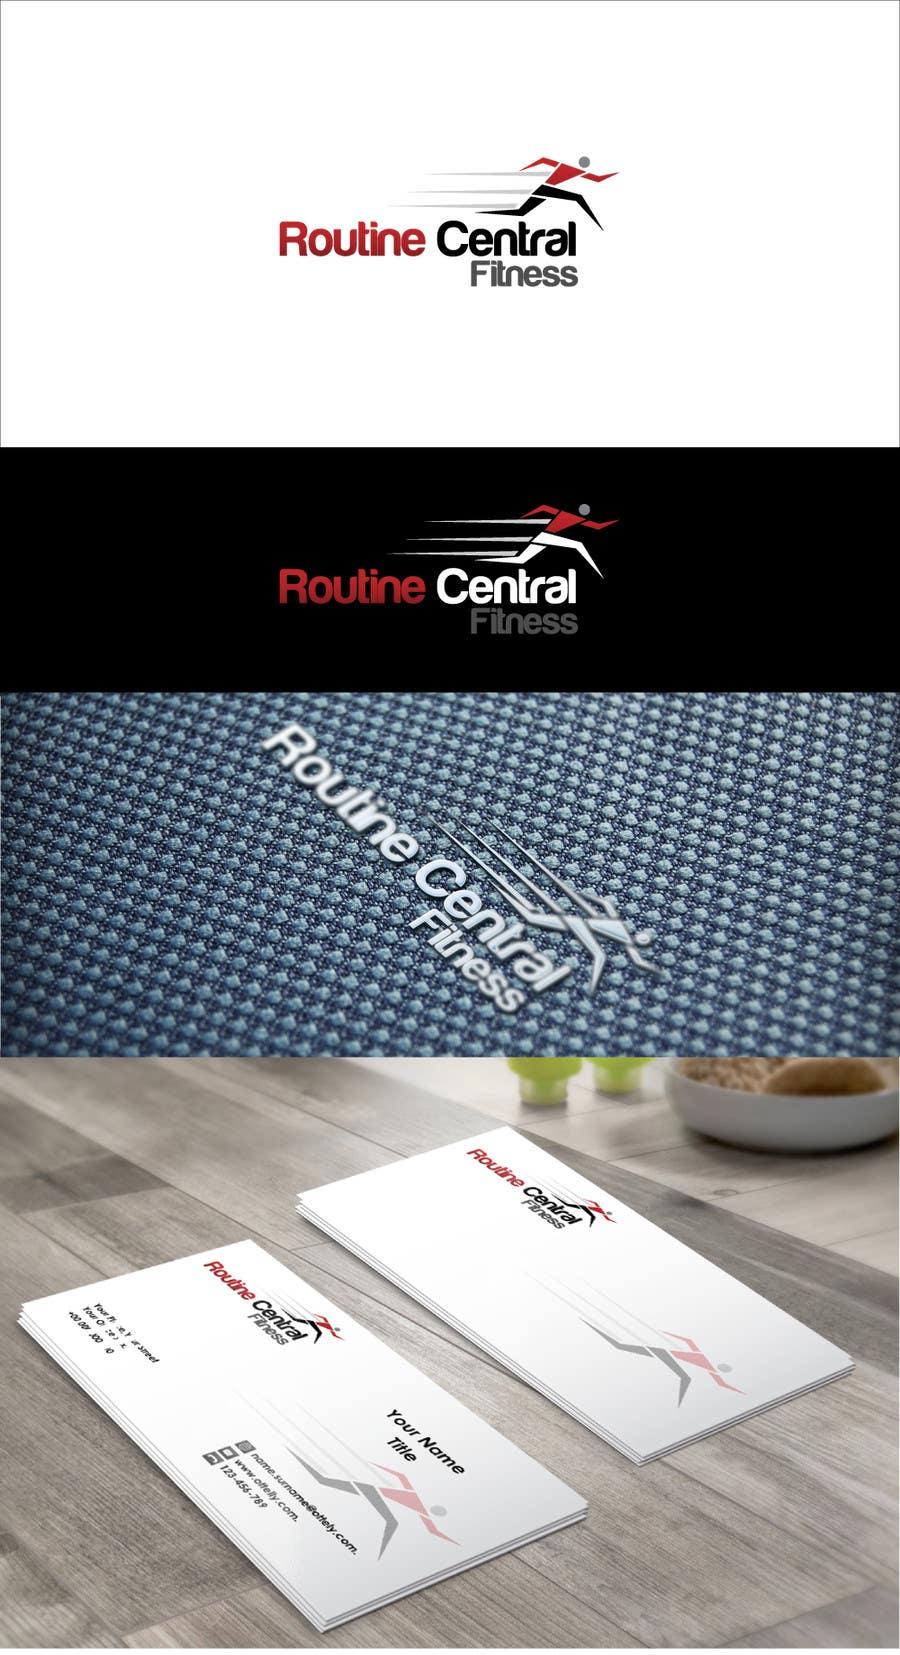 Penyertaan Peraduan #32 untuk Design a Logo for new Fitness Company